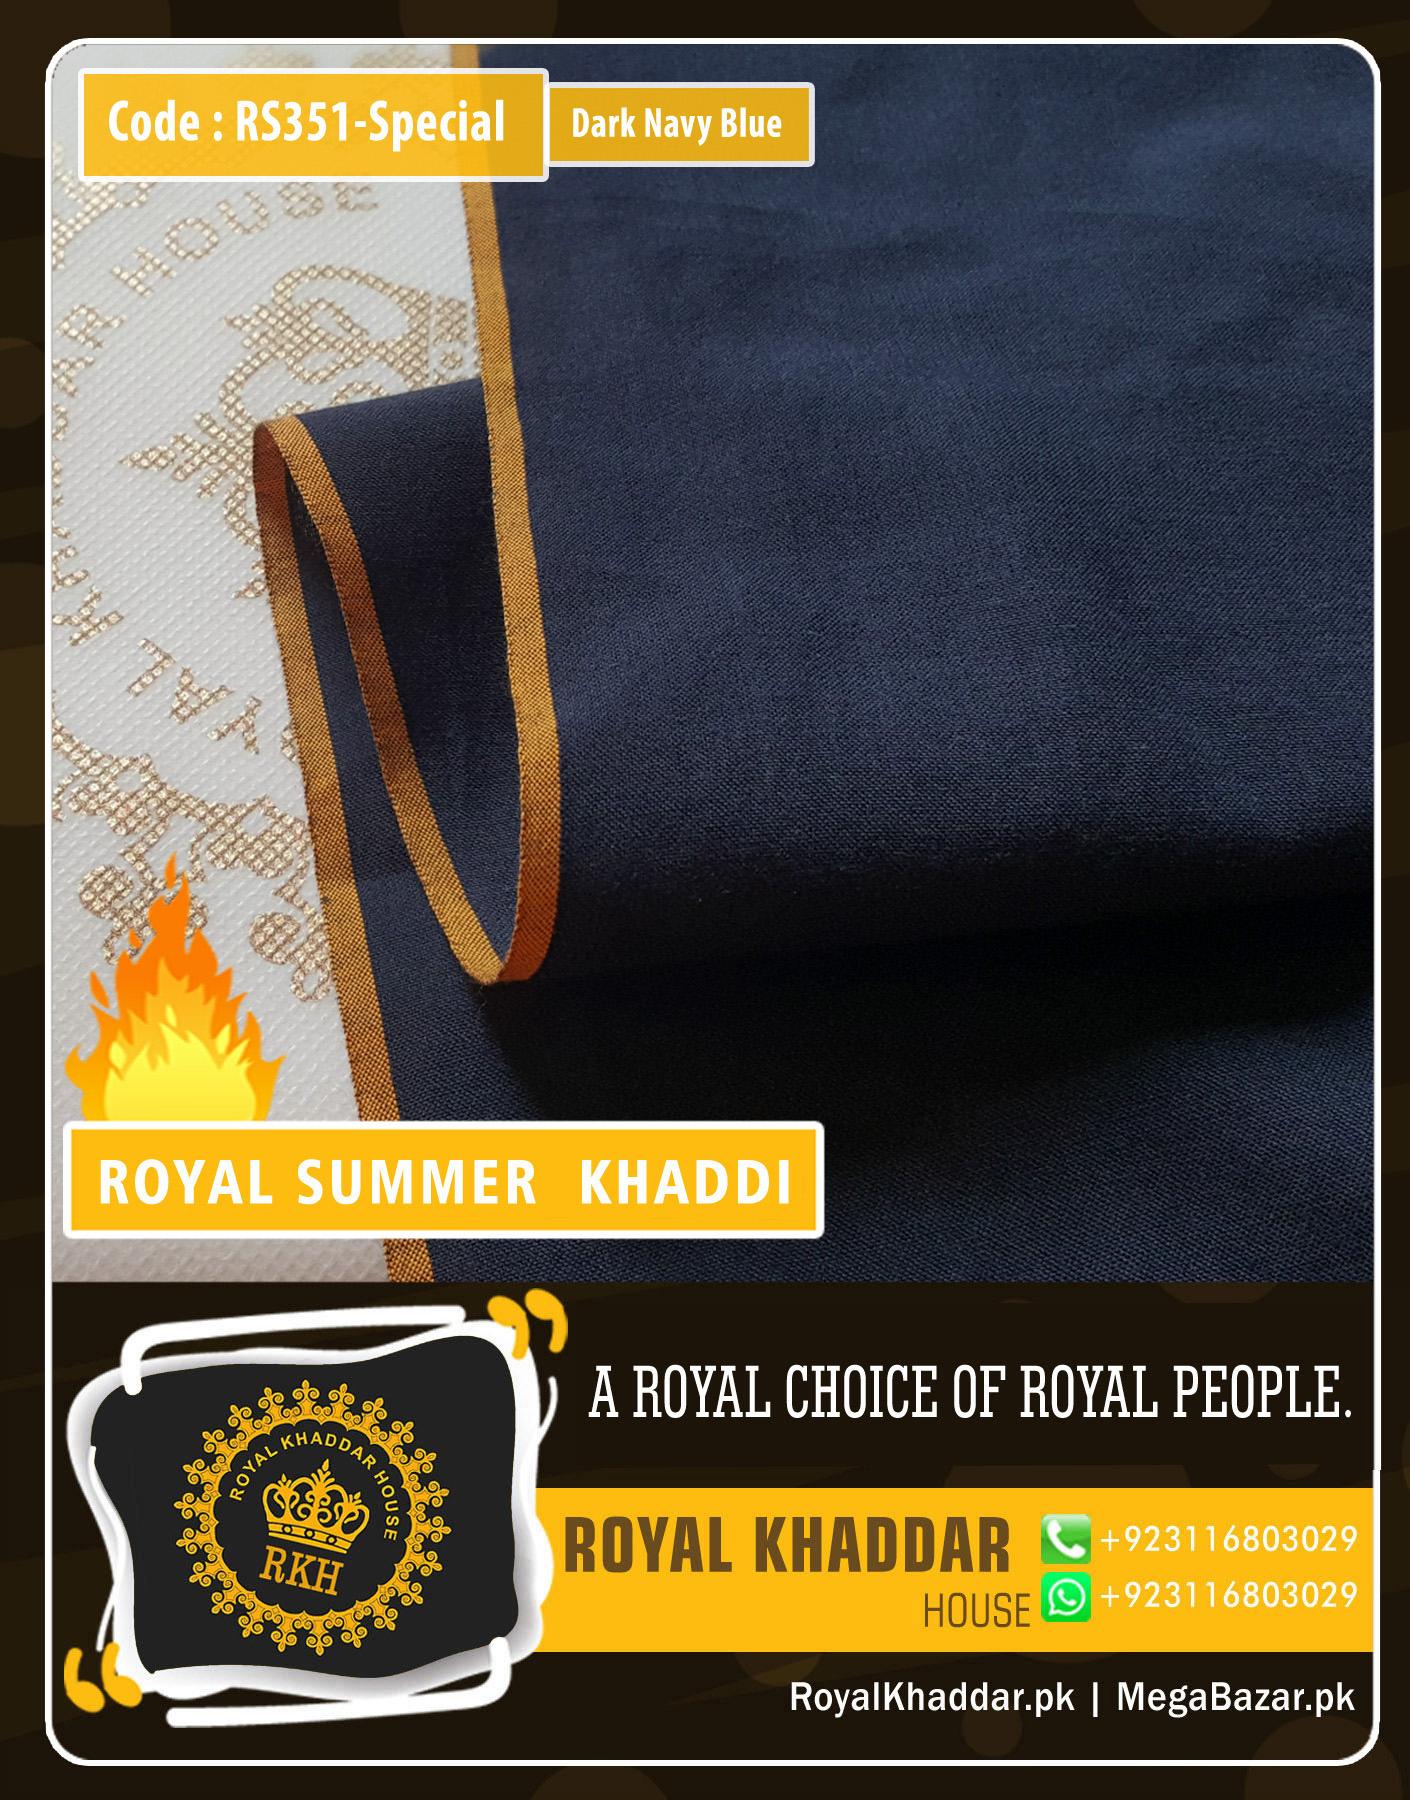 Dark Navy Blue Special Royal Summer Khaddar RS351-Special